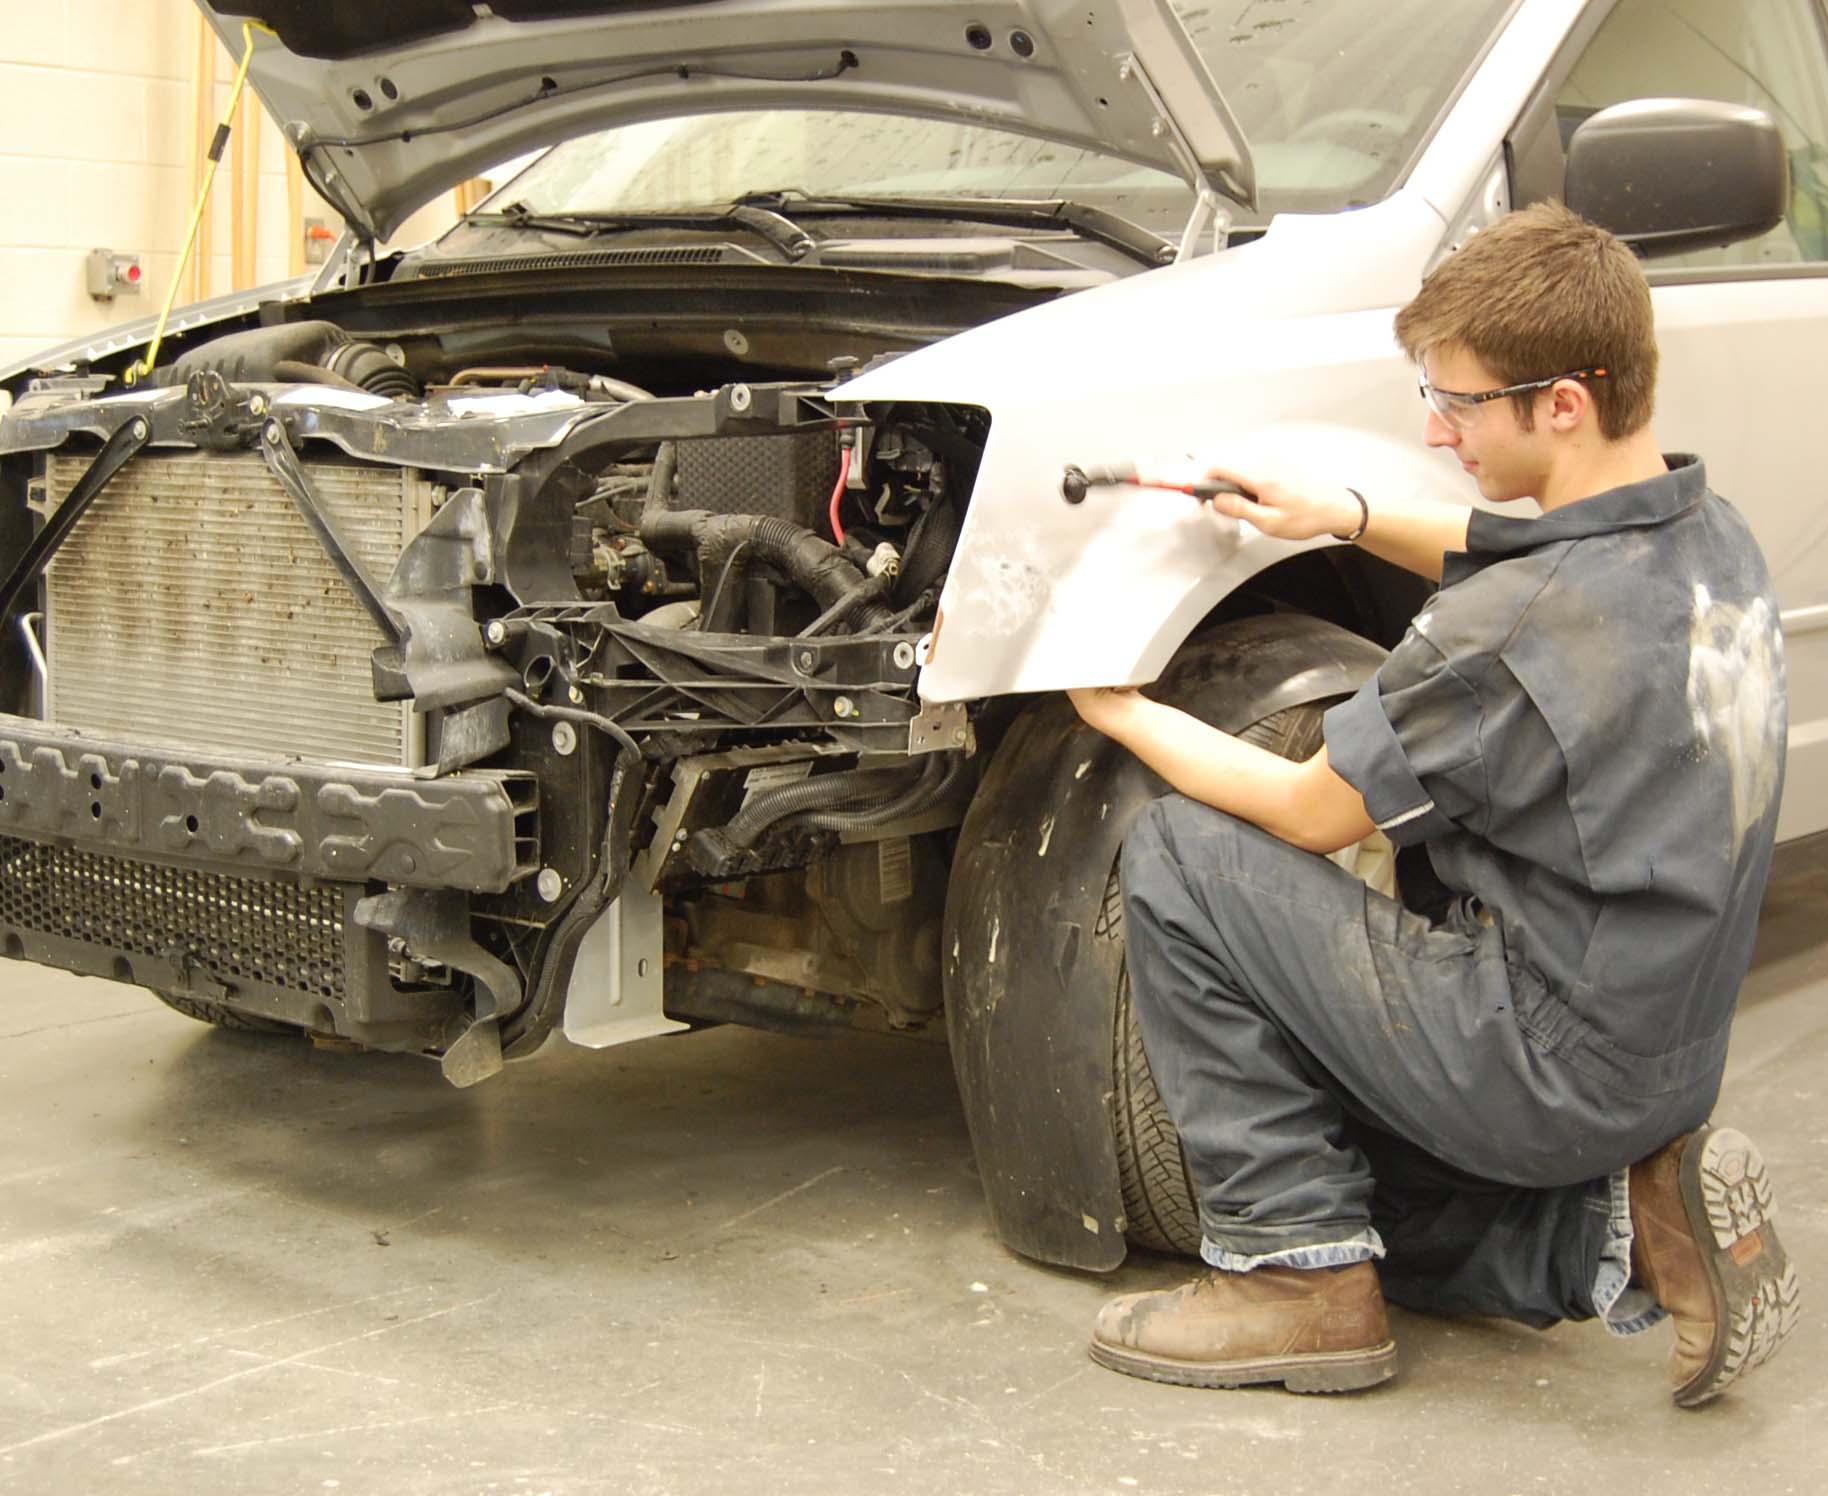 Accidental Auto Body Repair